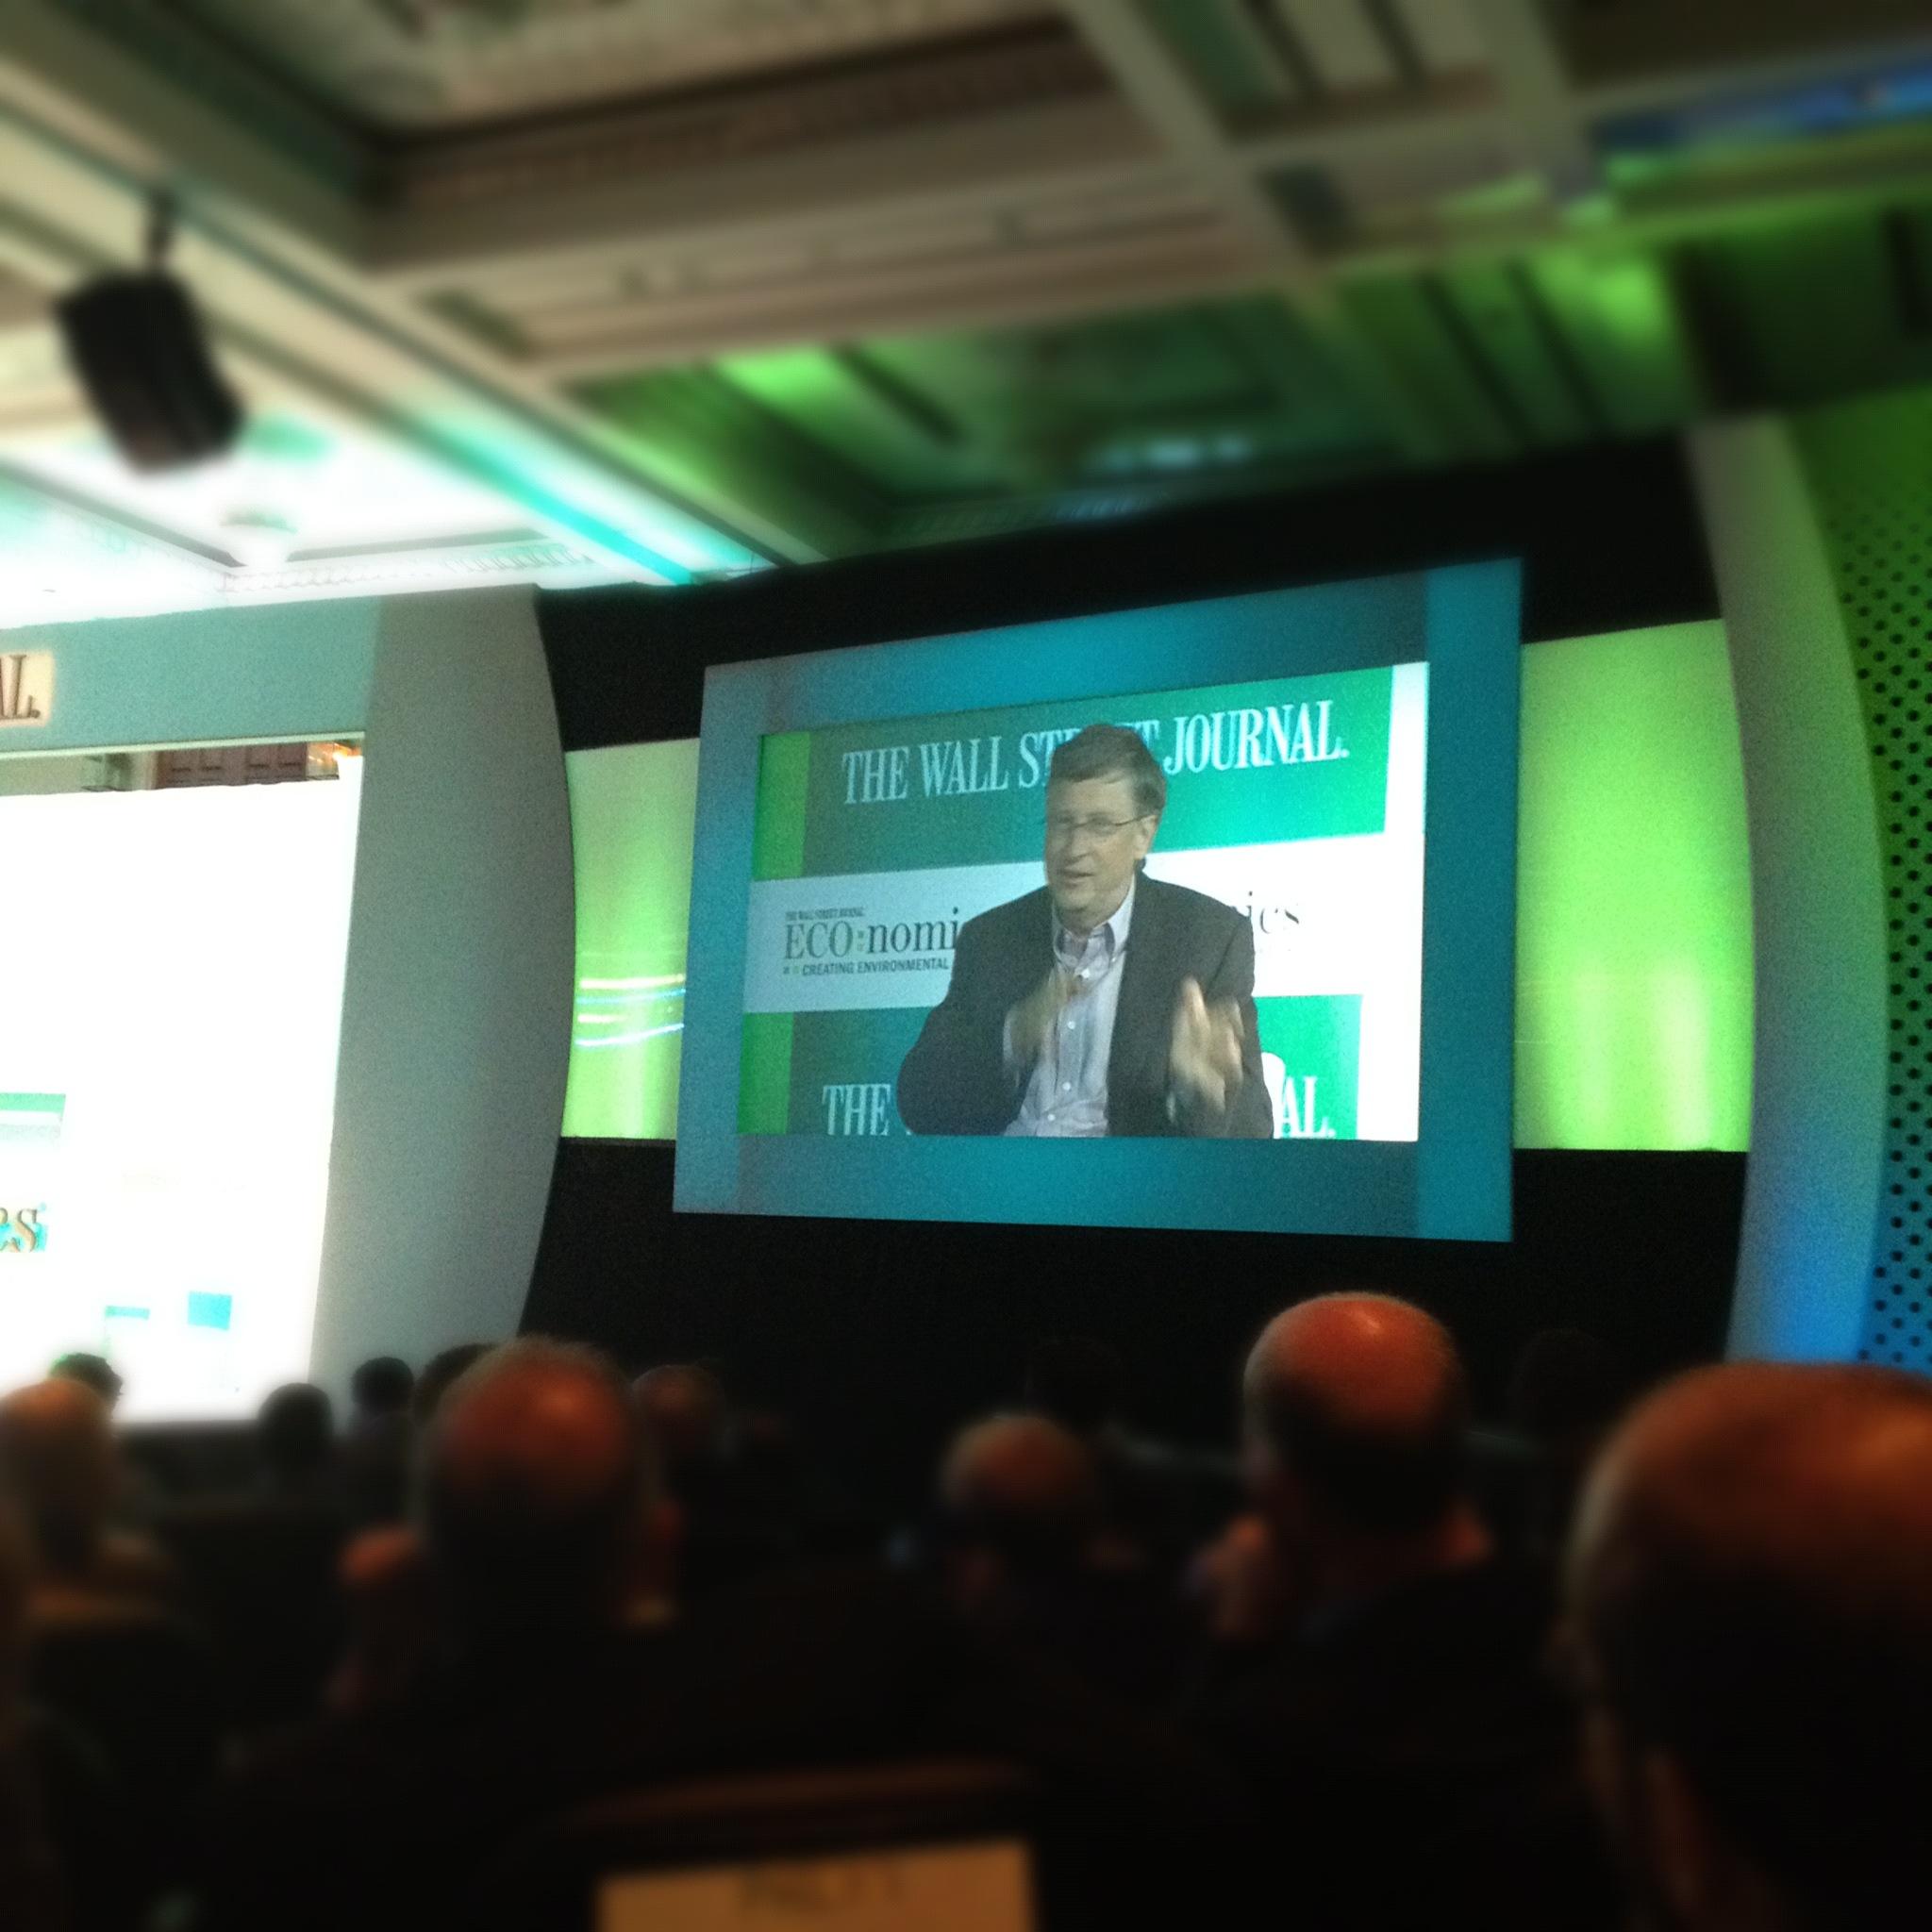 Bill Gates at WSJ Eco:nomics conference